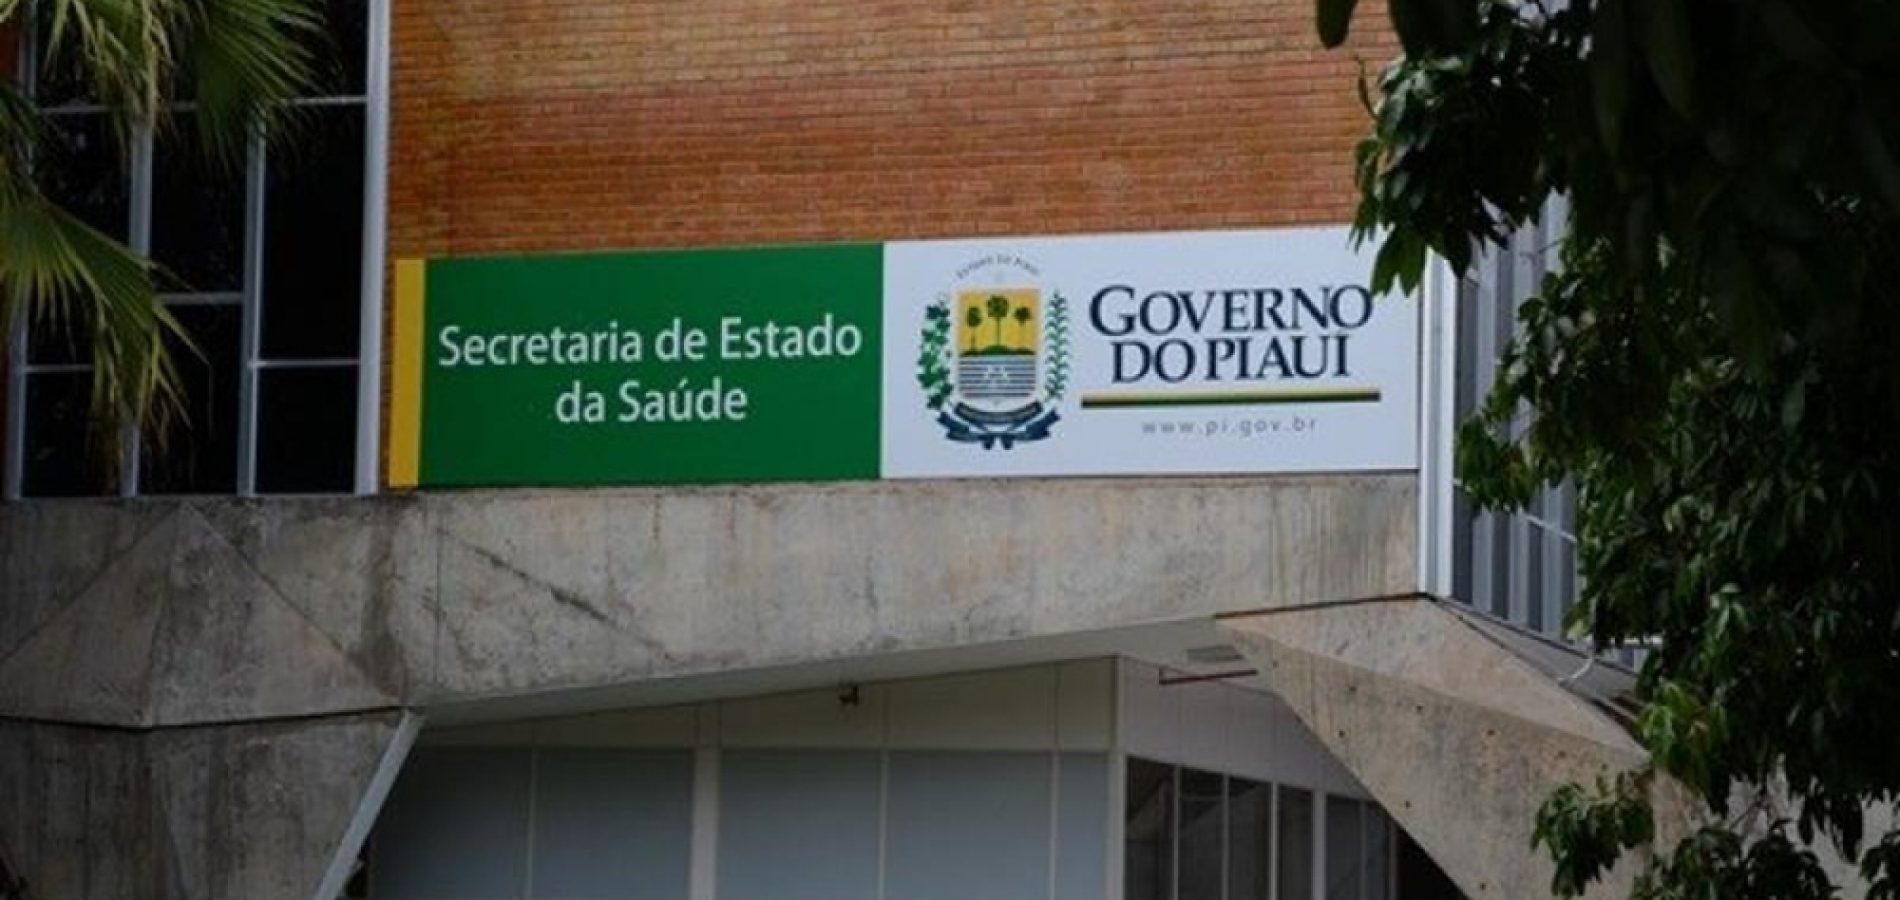 COVID-19   Sesapi confirma mais 02 casos e número de infectados sobe para 24 no Piauí